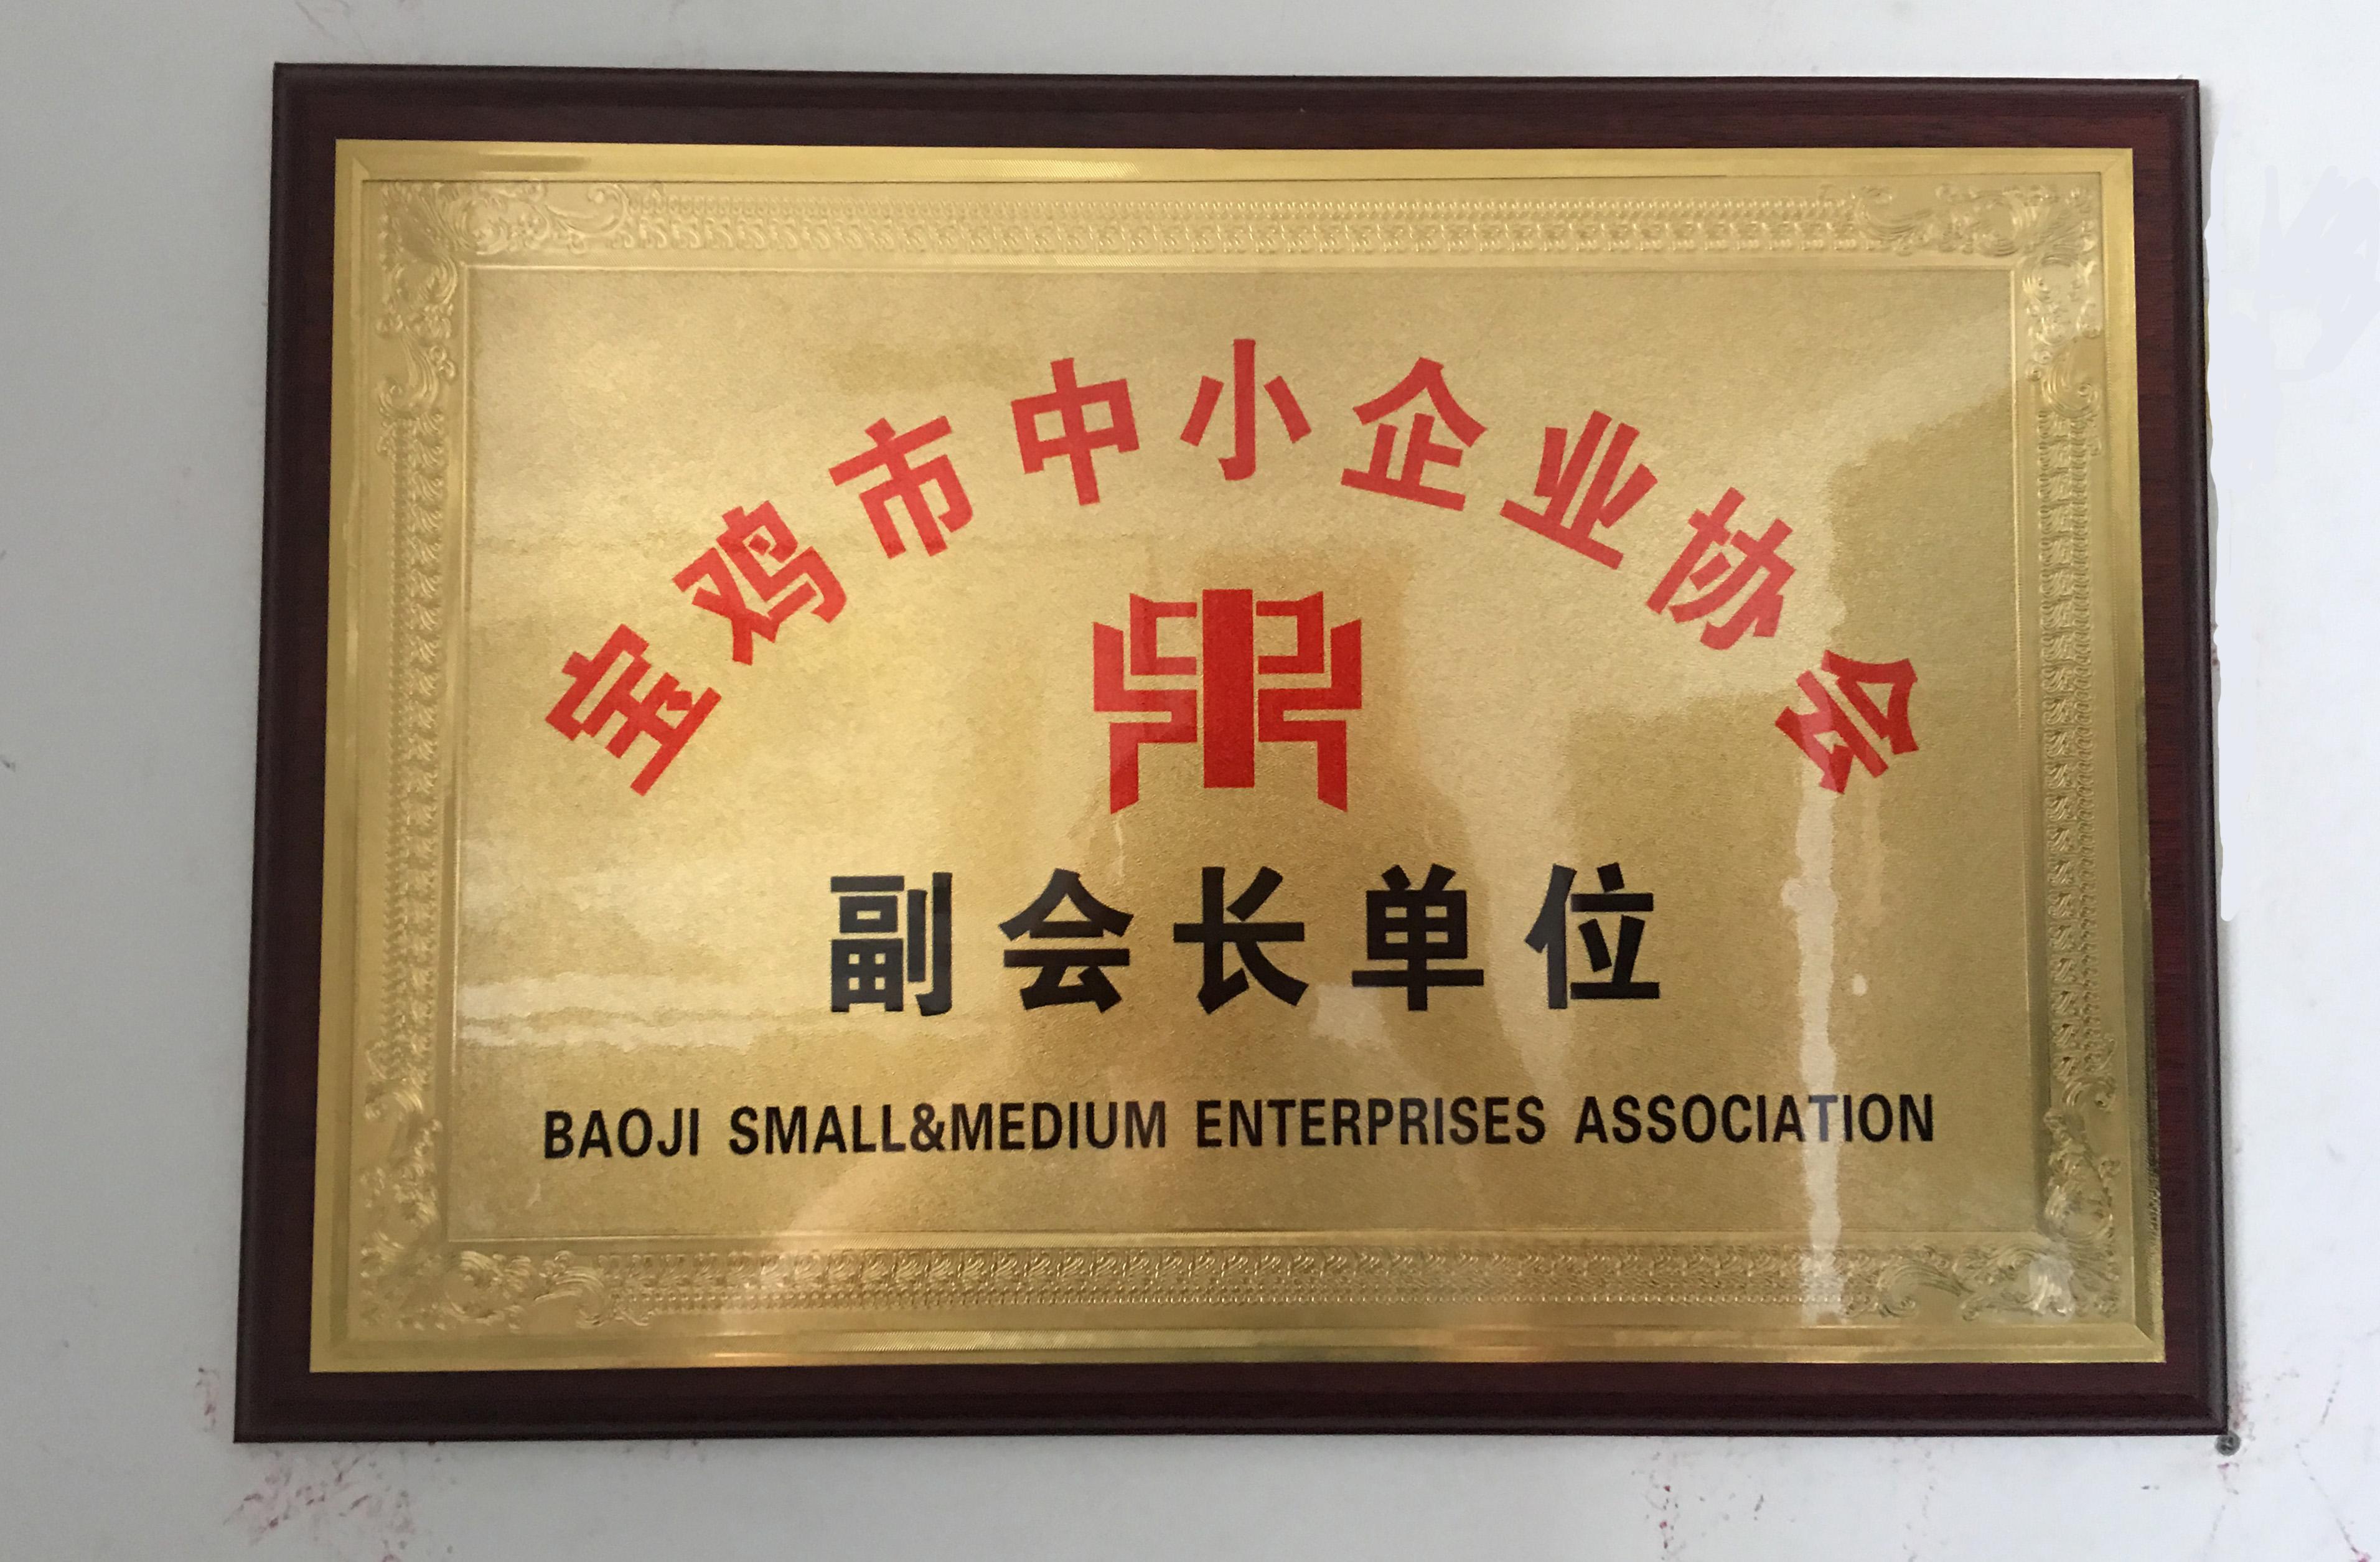 宝鸡市中小型企业协会副会长单位.jpg